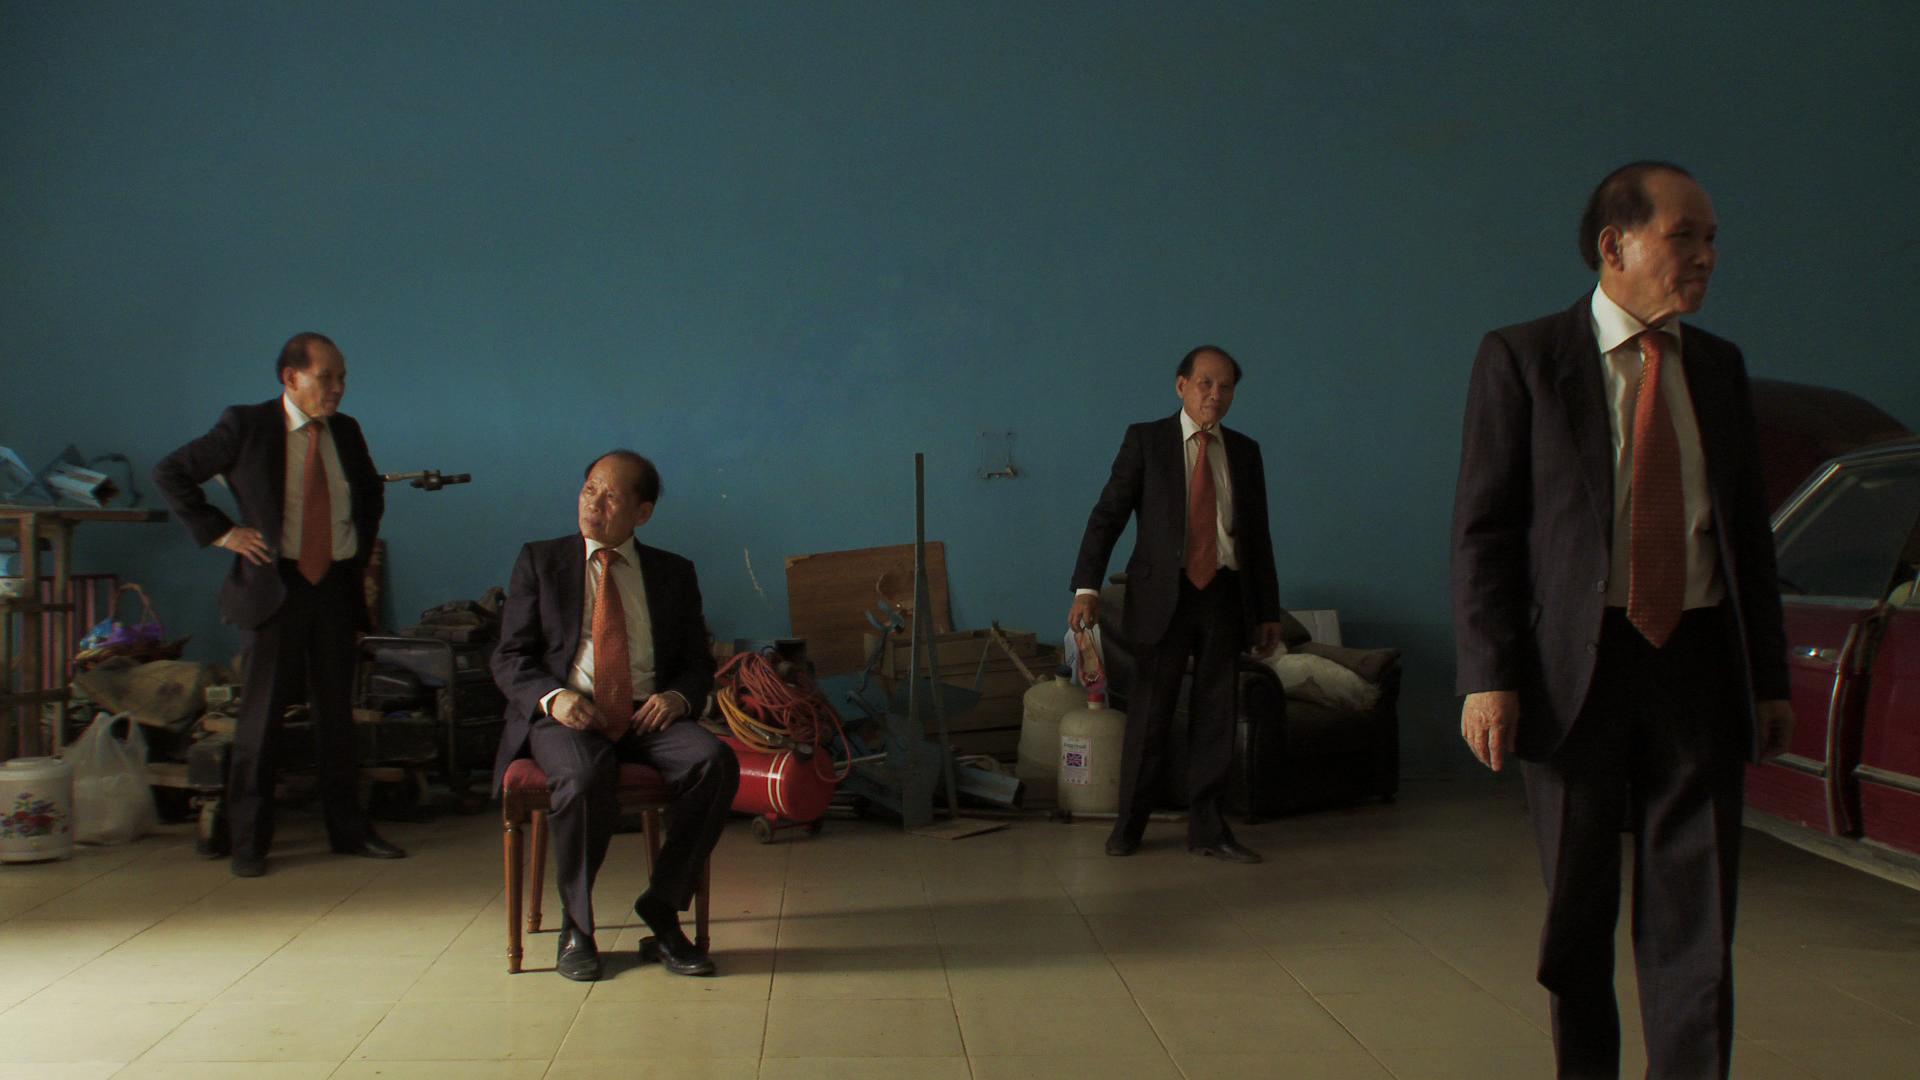 Projection « Le Sommeil d'or » en présence de Davy Chou le 8 octobre au cinéma Comoedia